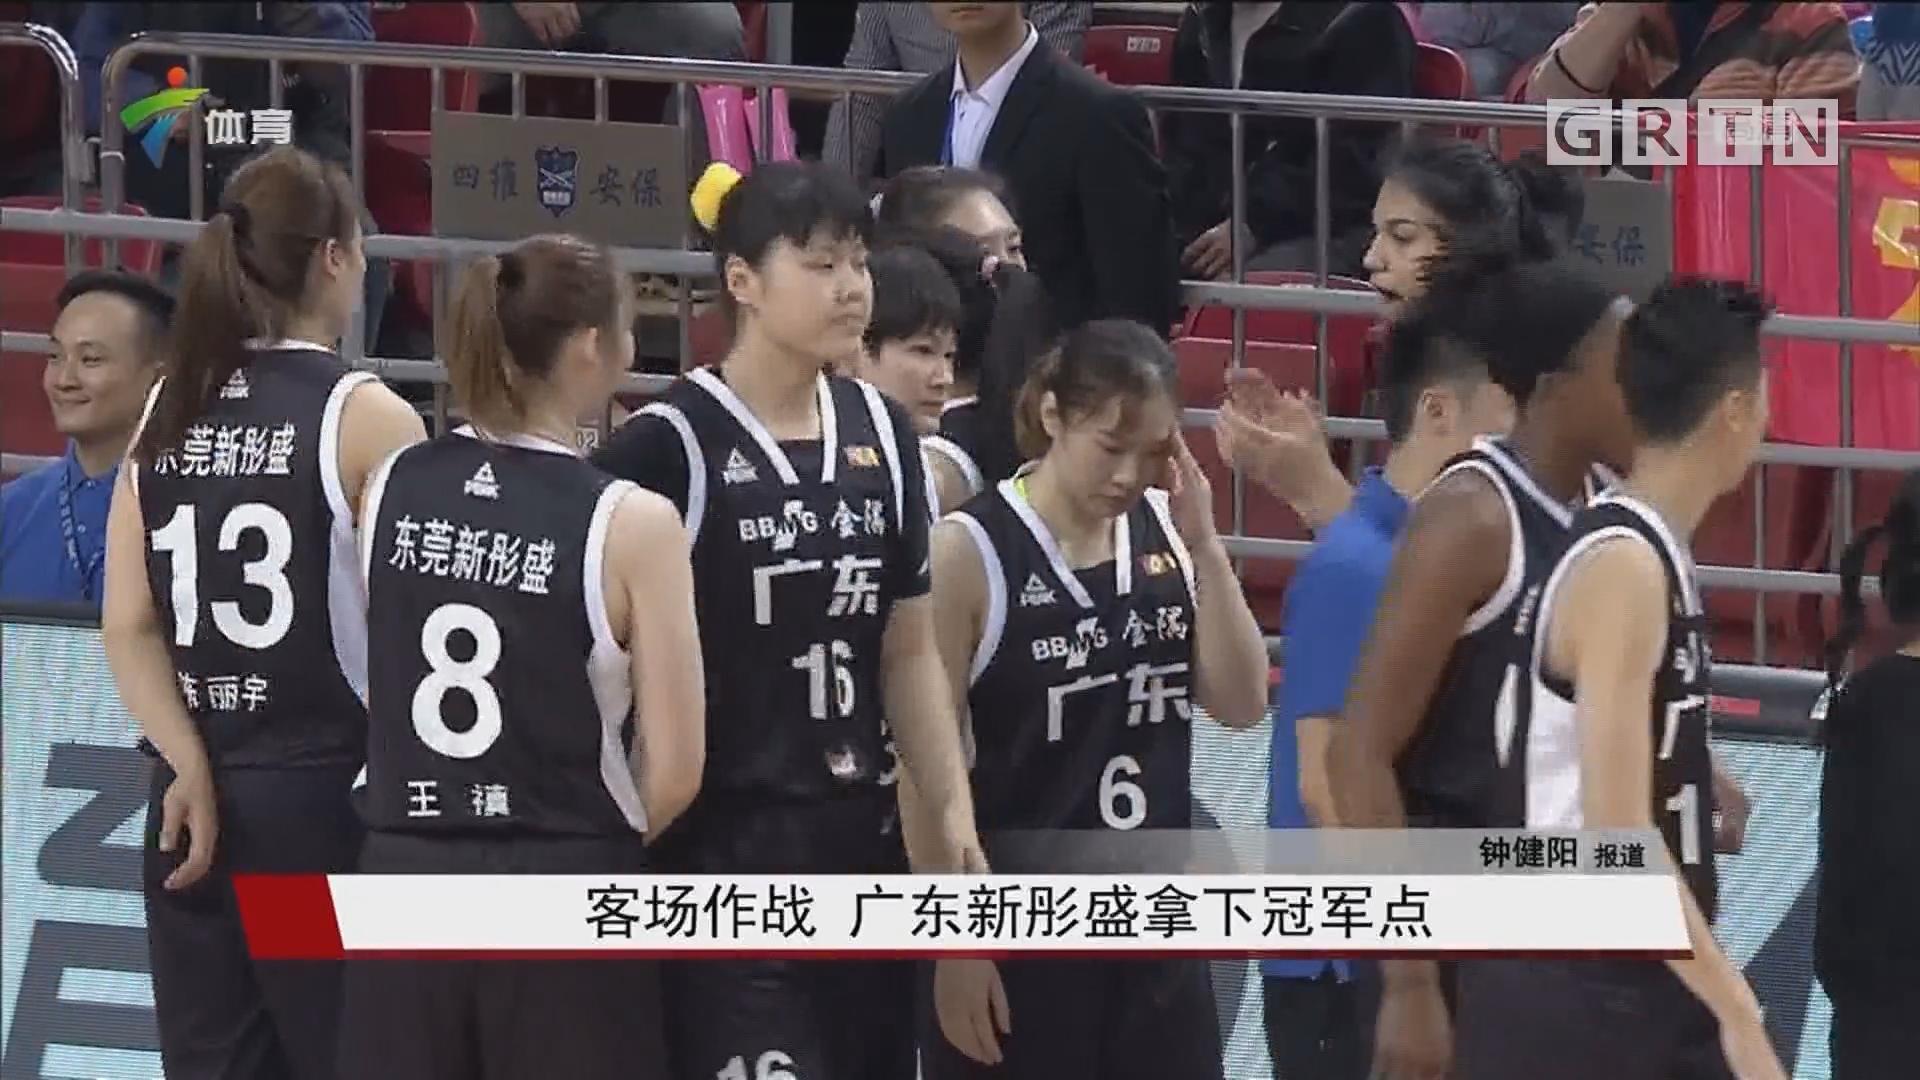 客场作战 广东新彤盛拿下冠军点